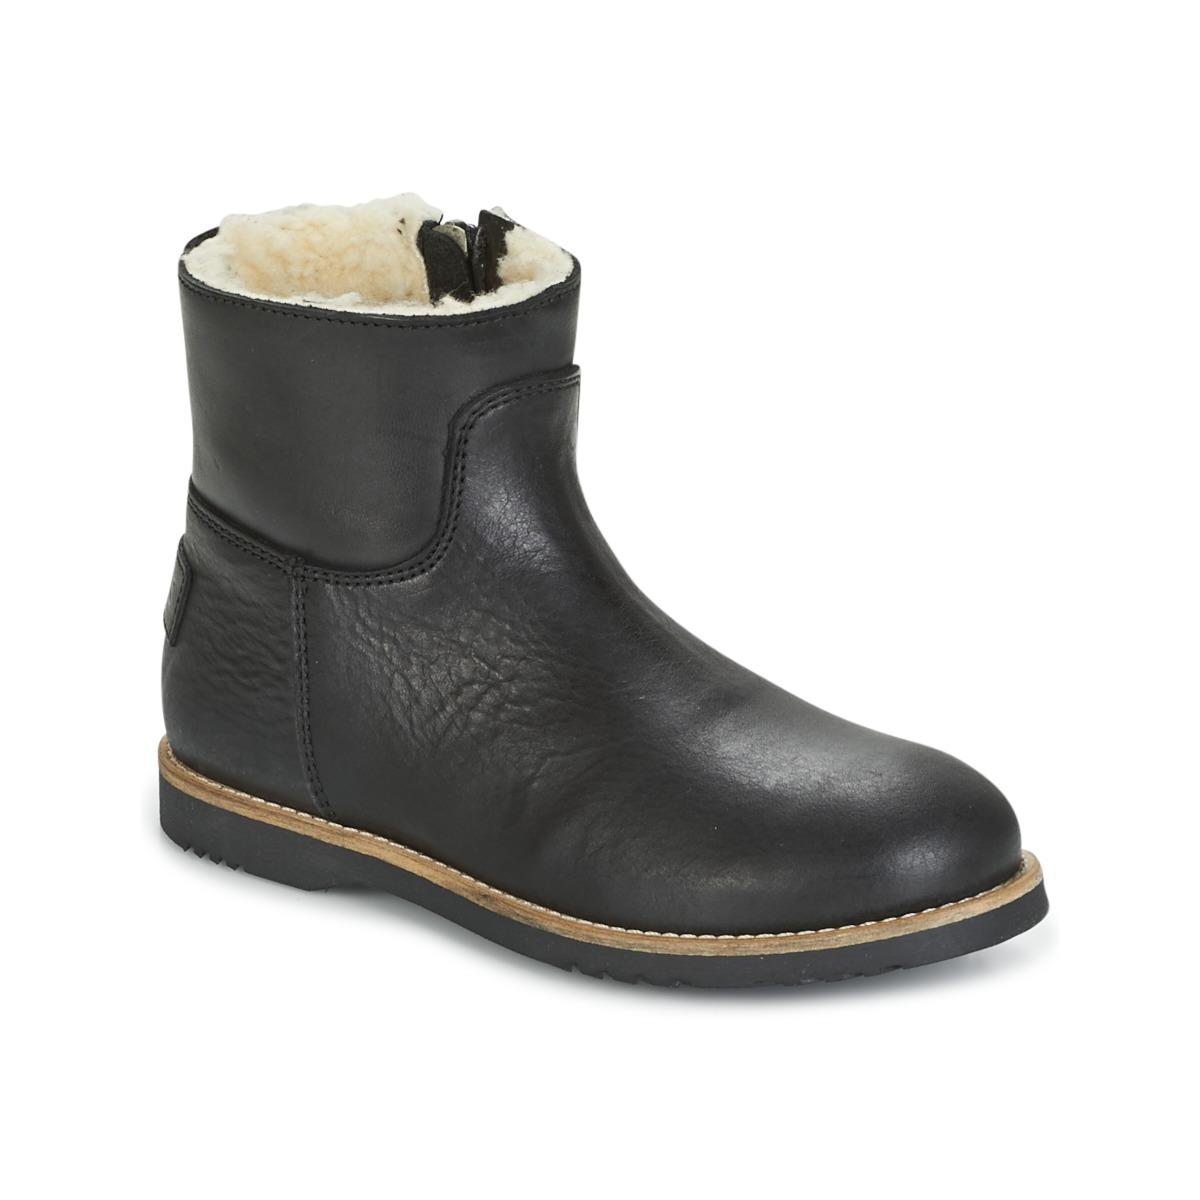 Støvler til børn Shabbies  LOW STITCHDOWN LINED